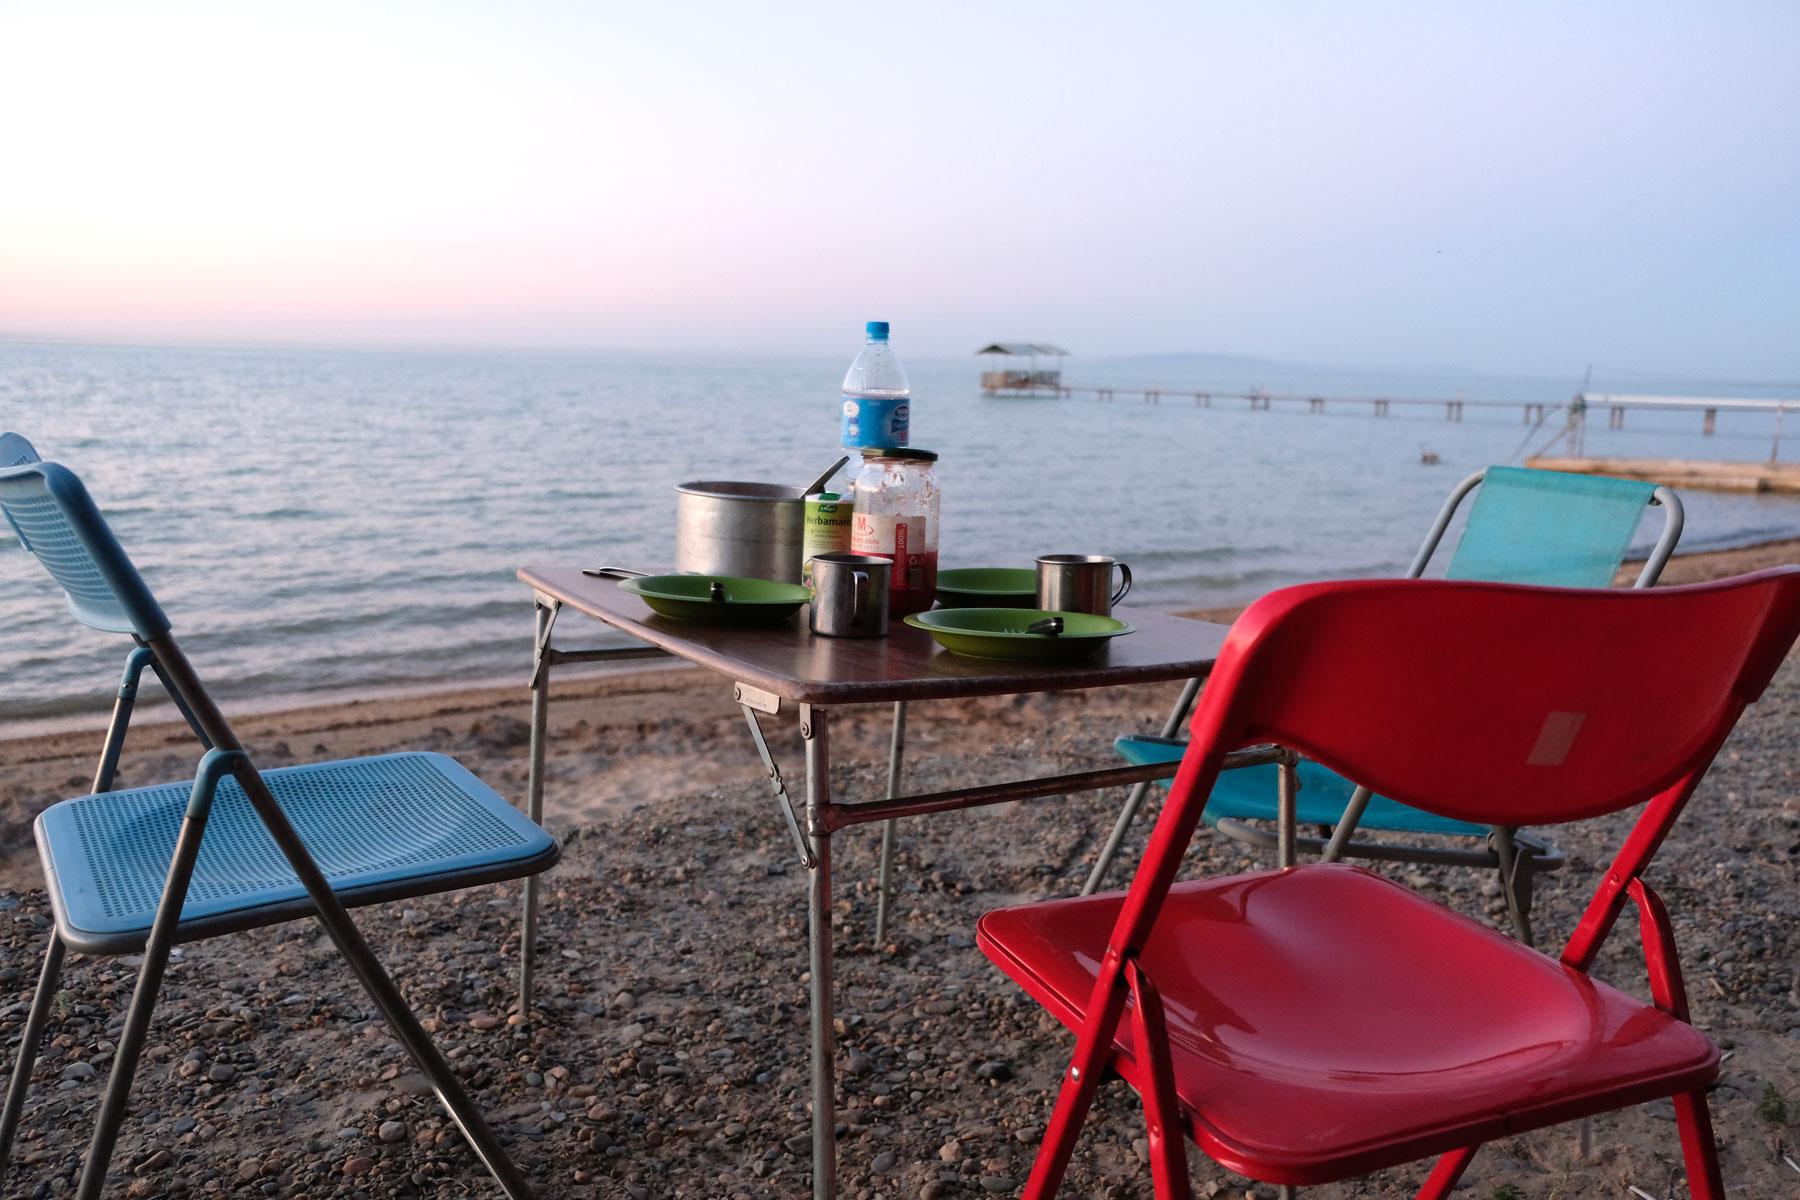 Campingstühle und ein Campingtisch am Ufer des Tudakul-Sees